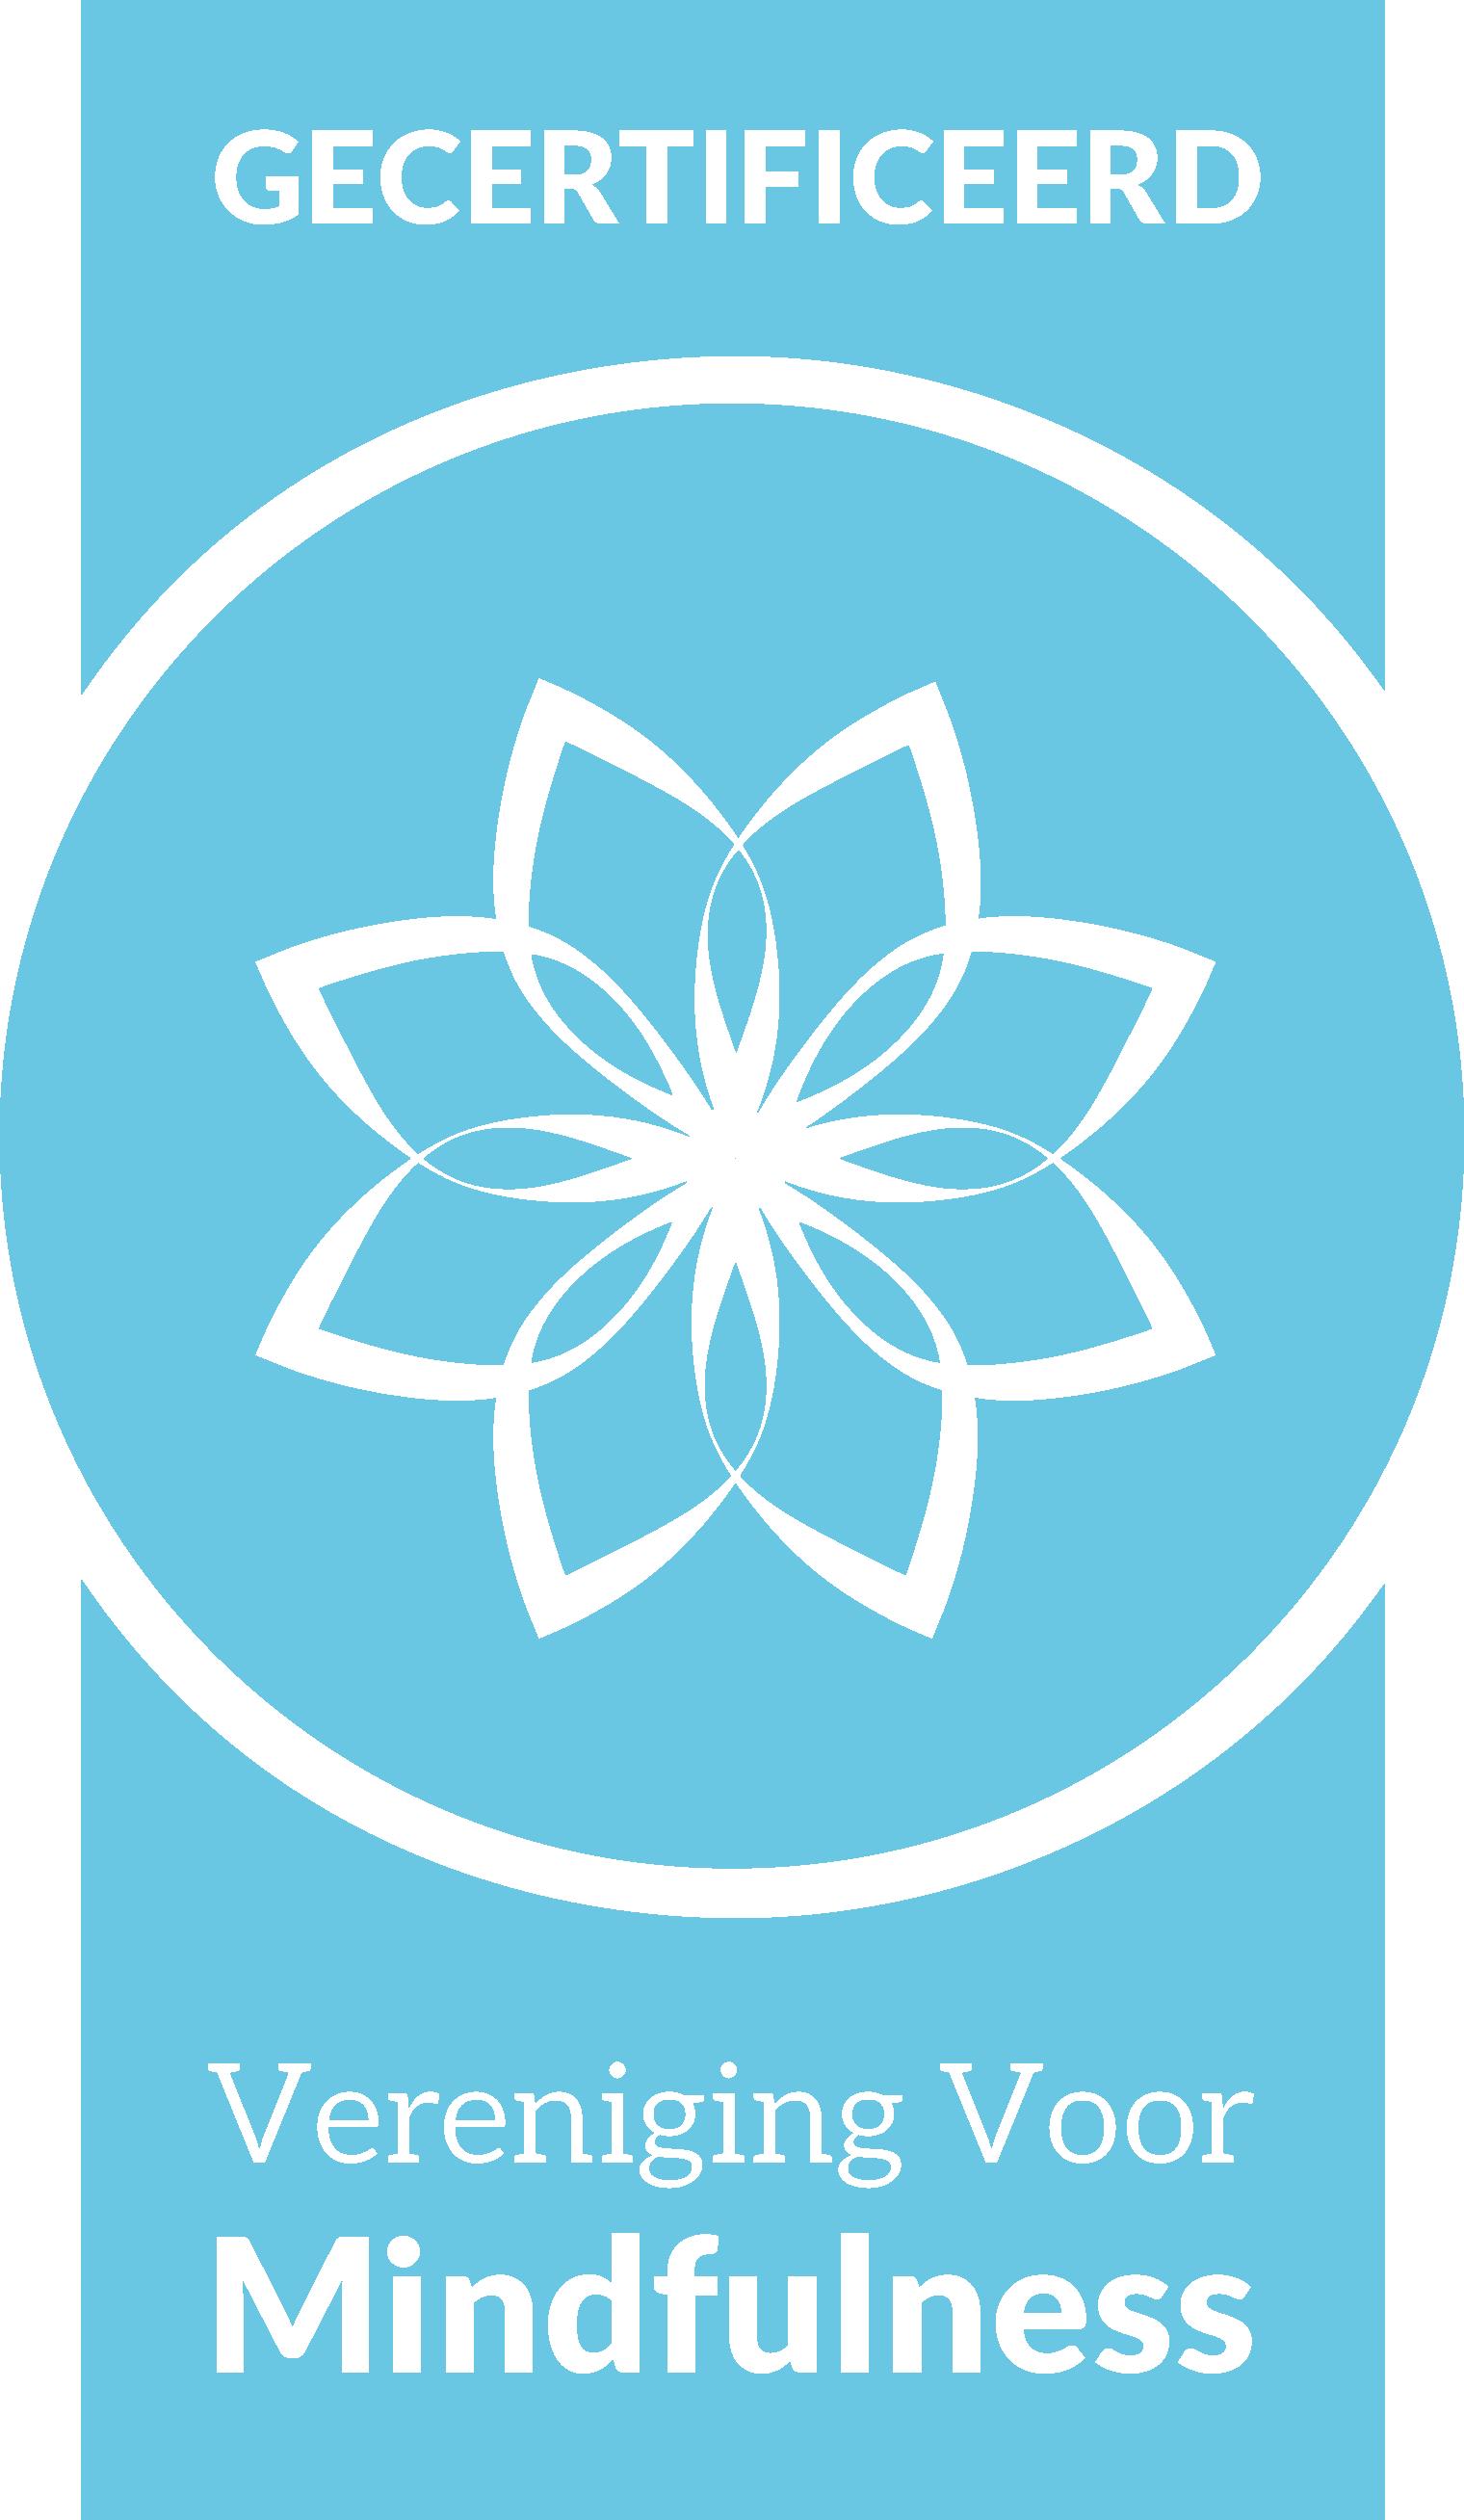 vereniging voor mindfulness